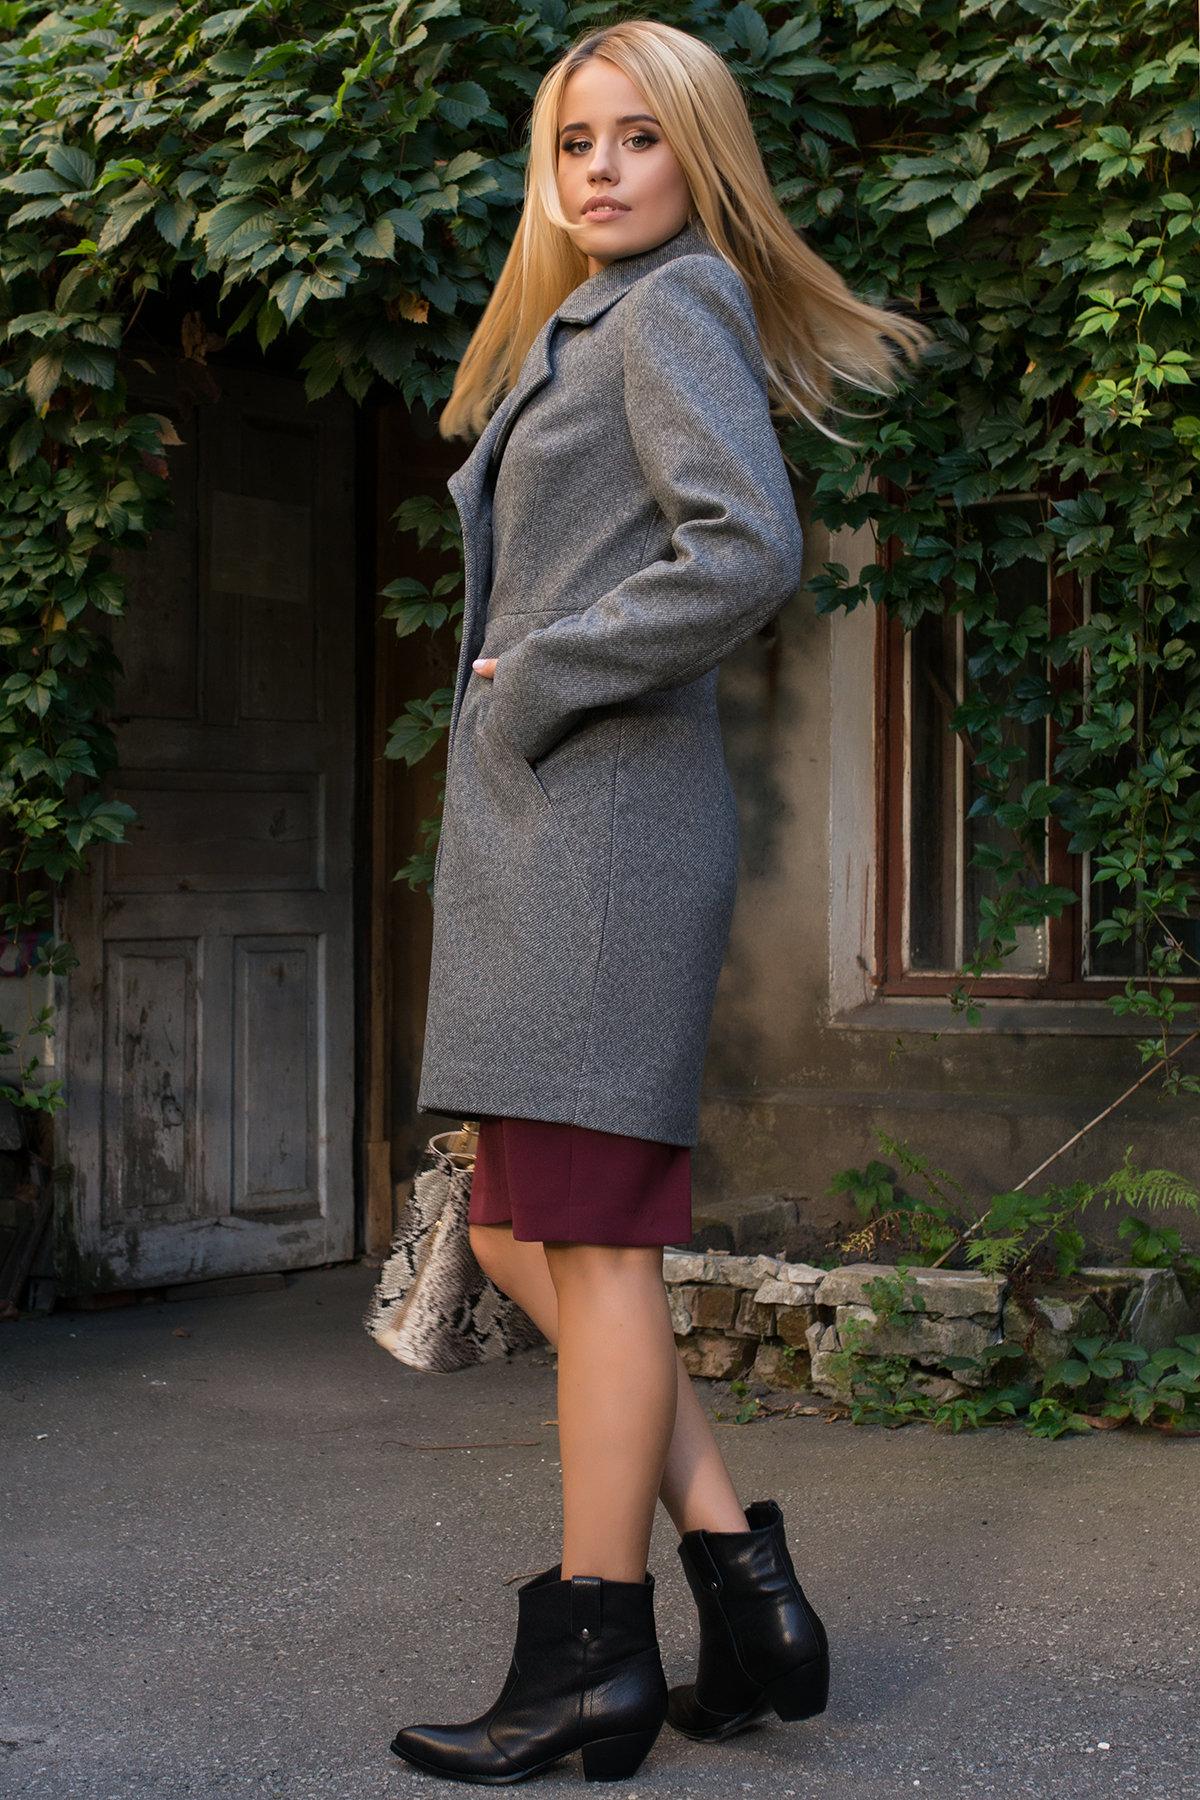 Пальто Камила 7901 АРТ. 43855 Цвет: Серый - фото 4, интернет магазин tm-modus.ru